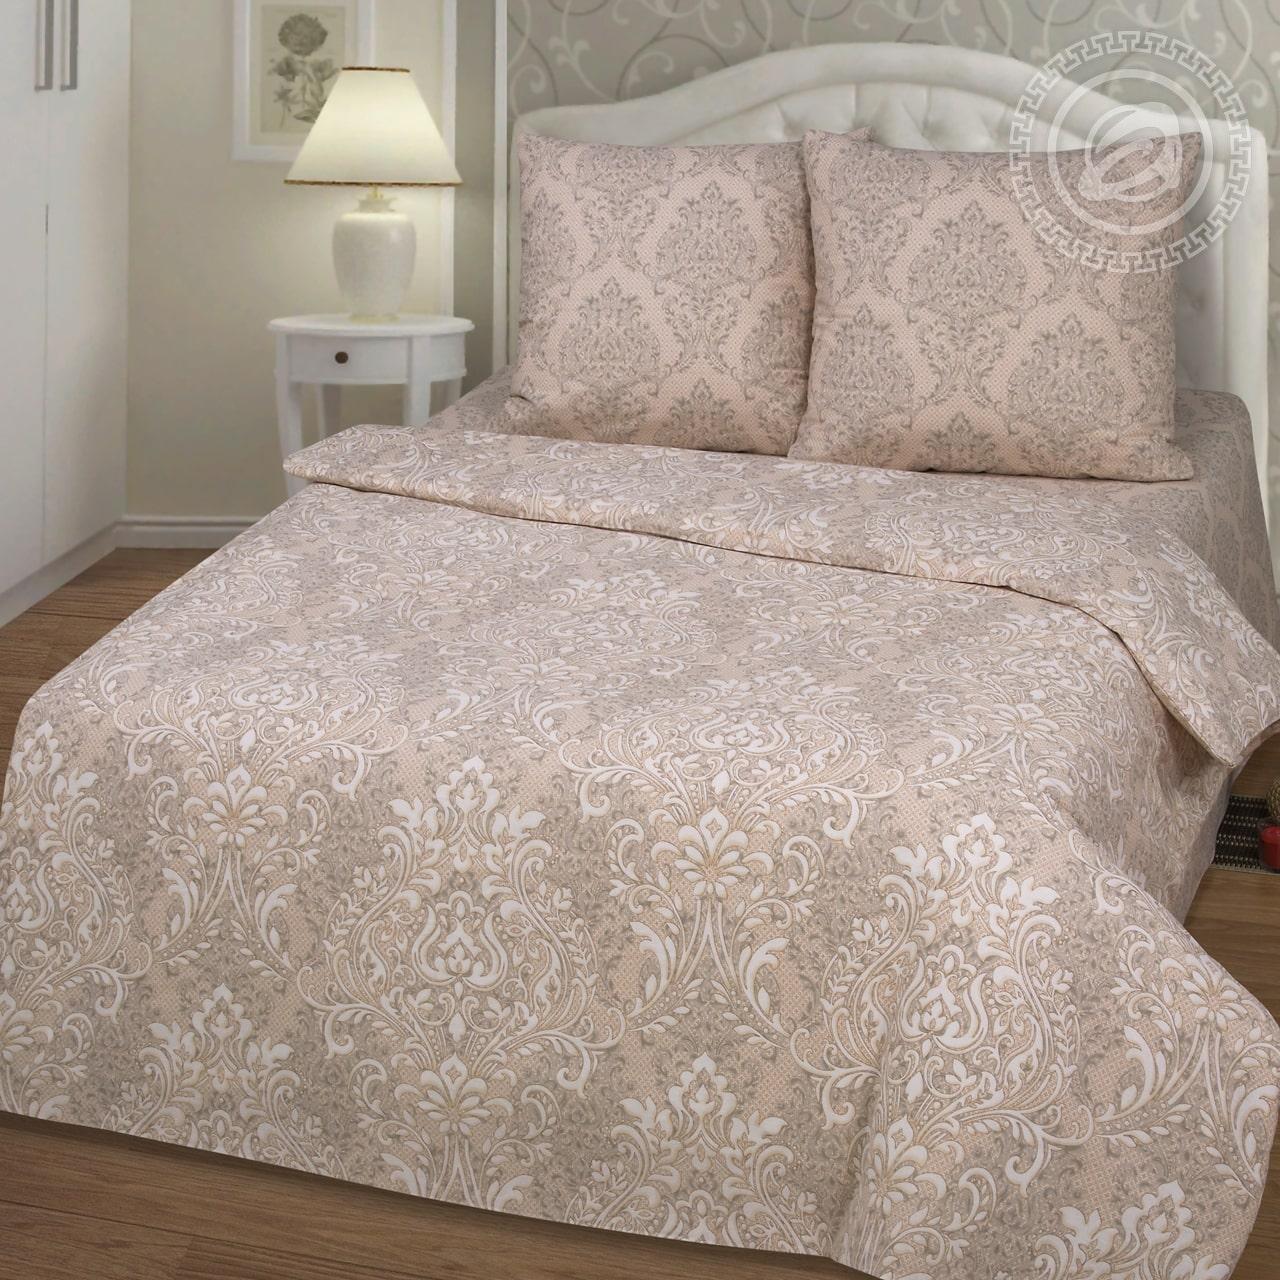 Постельное белье из бязи: плюсы и минусы, выбираем бязевое постельное белье